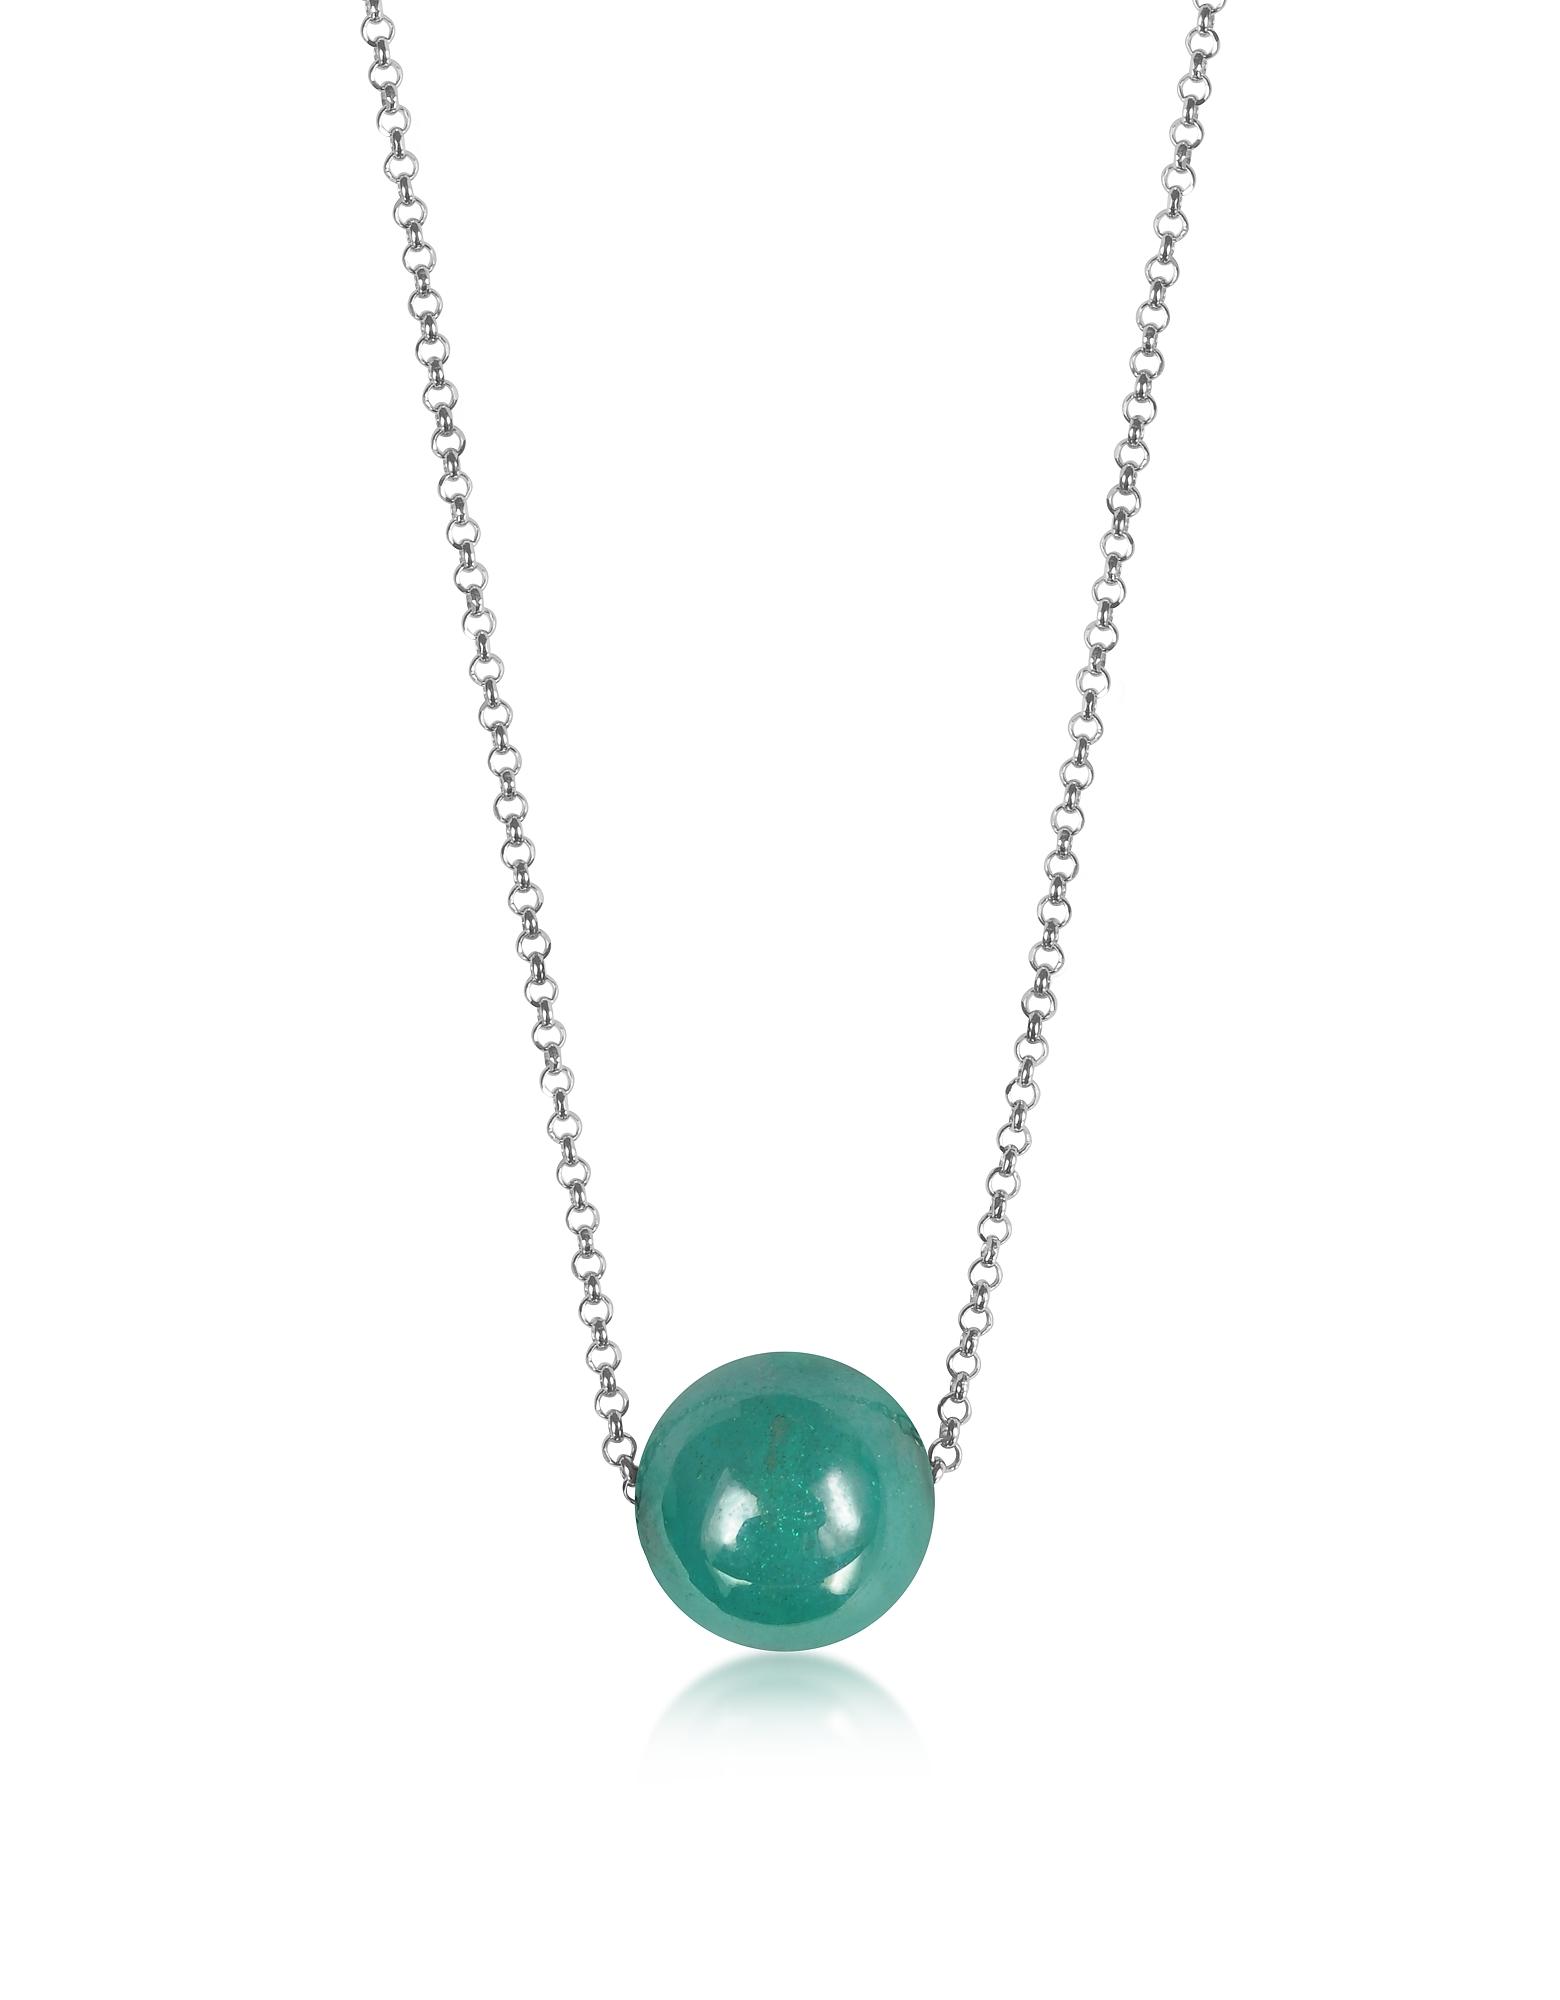 Perleadi - Ожерелье Цепочка с Бирюзовой Бусинкой из Стекла Мурано